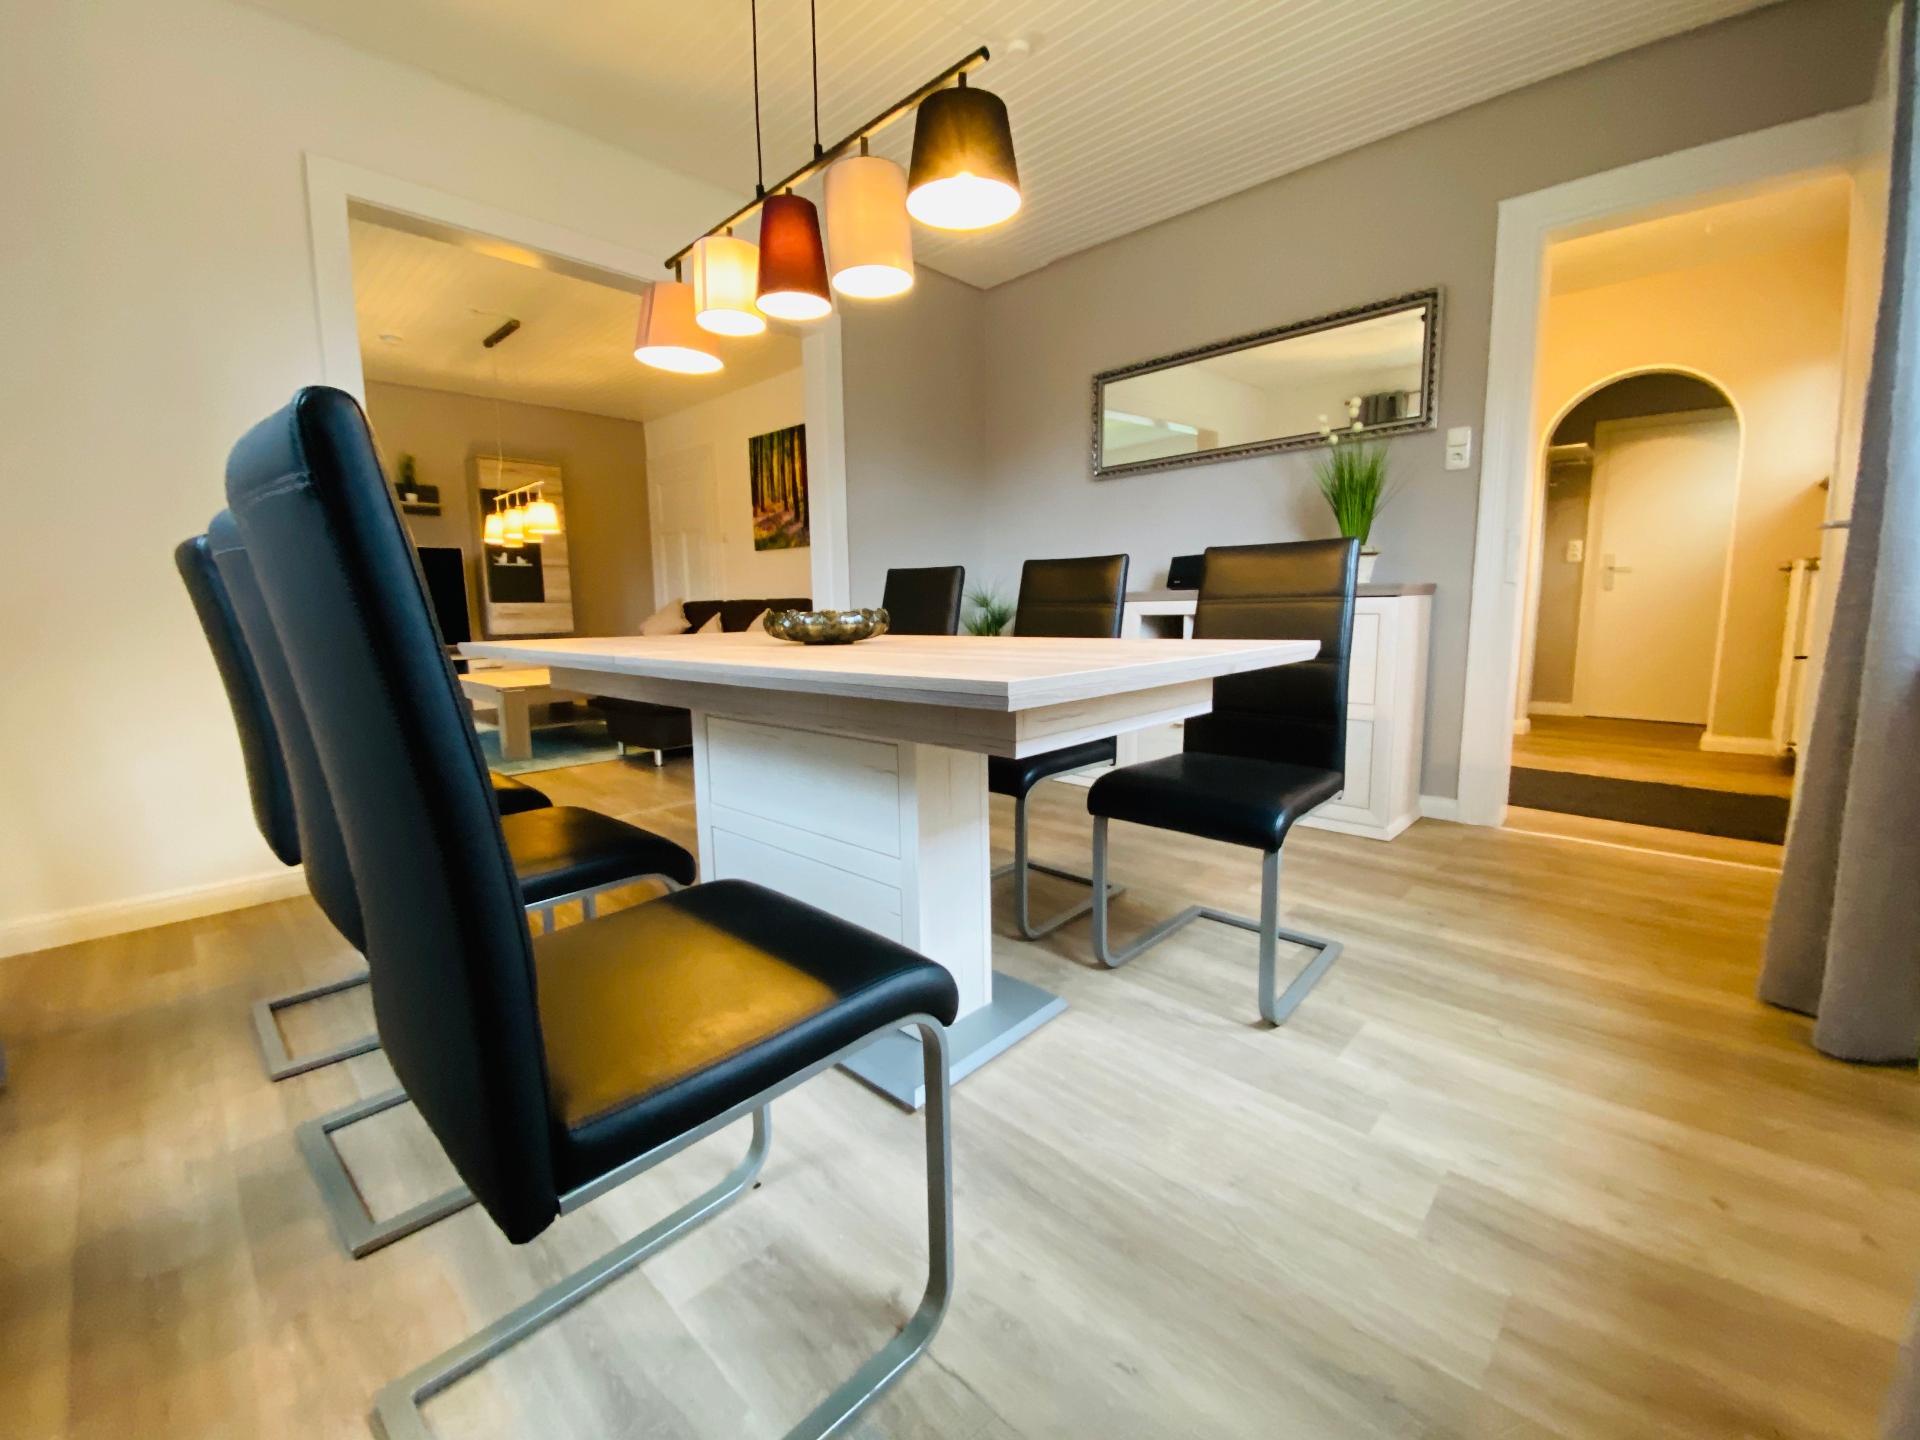 Ferienhaus für 17 Personen in Bad Fallingbostel  TUIvillas.com